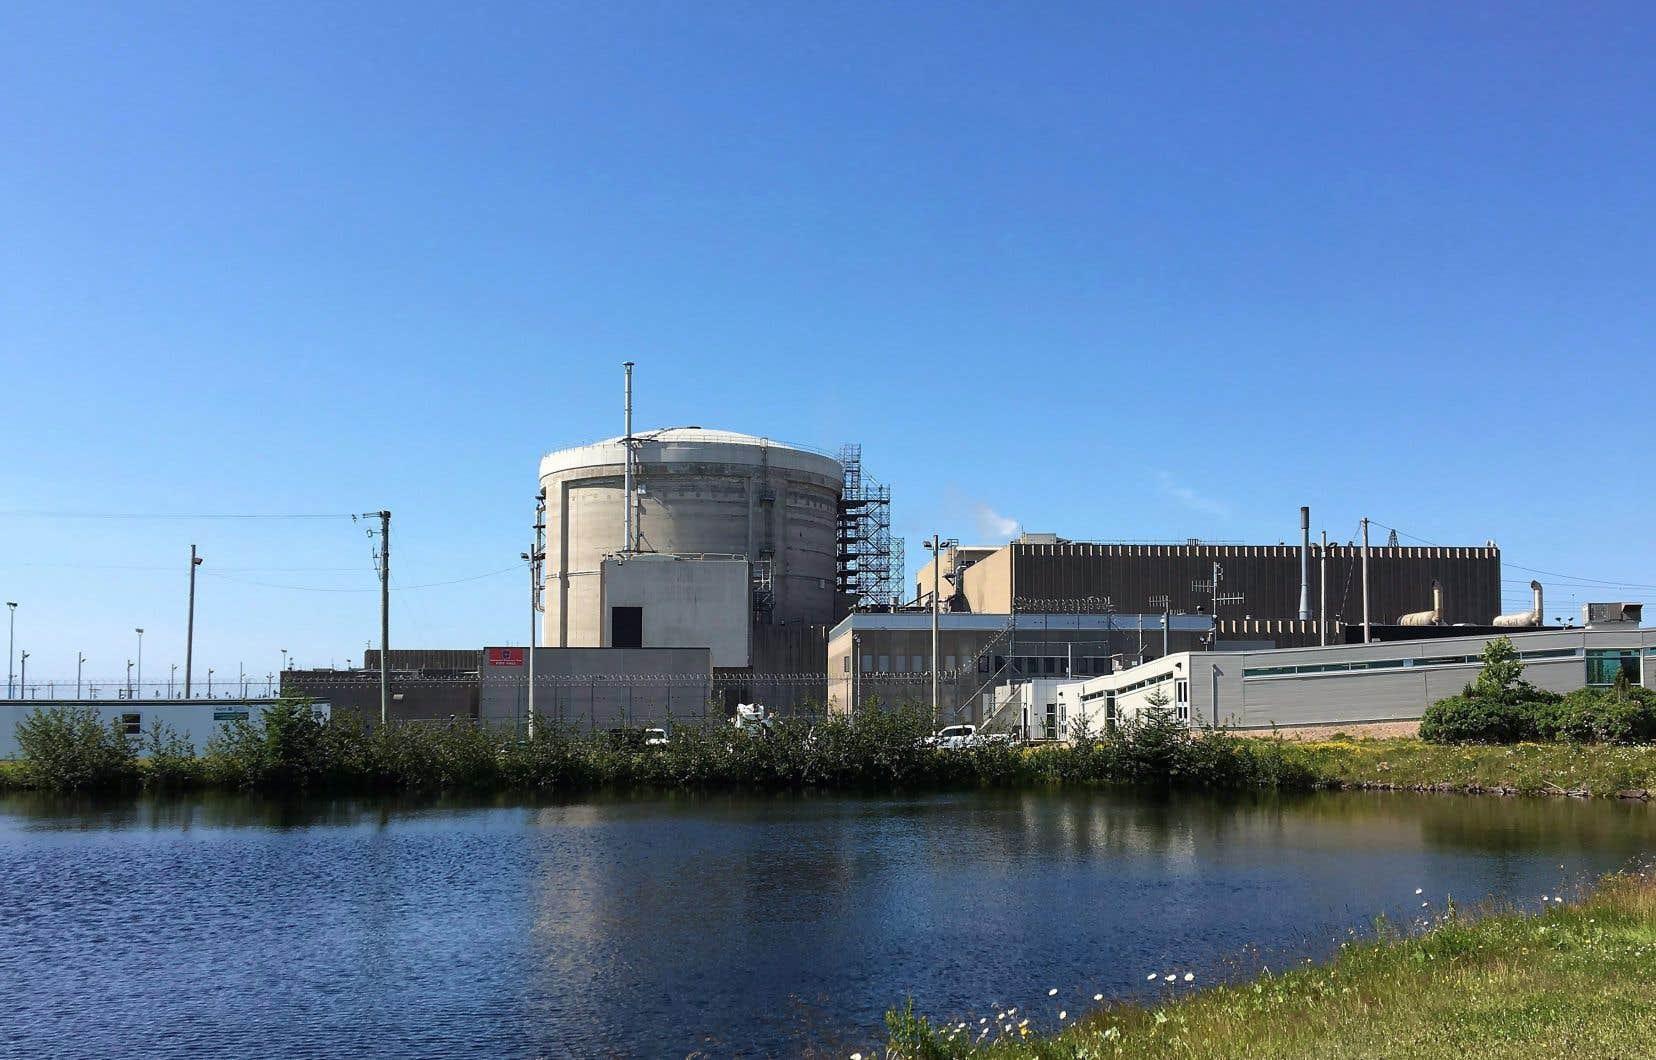 Moltex propose de retraiter les combustibles nucléaires usés de la centrale de Point Lepreau, au Nouveau-Brunswick.